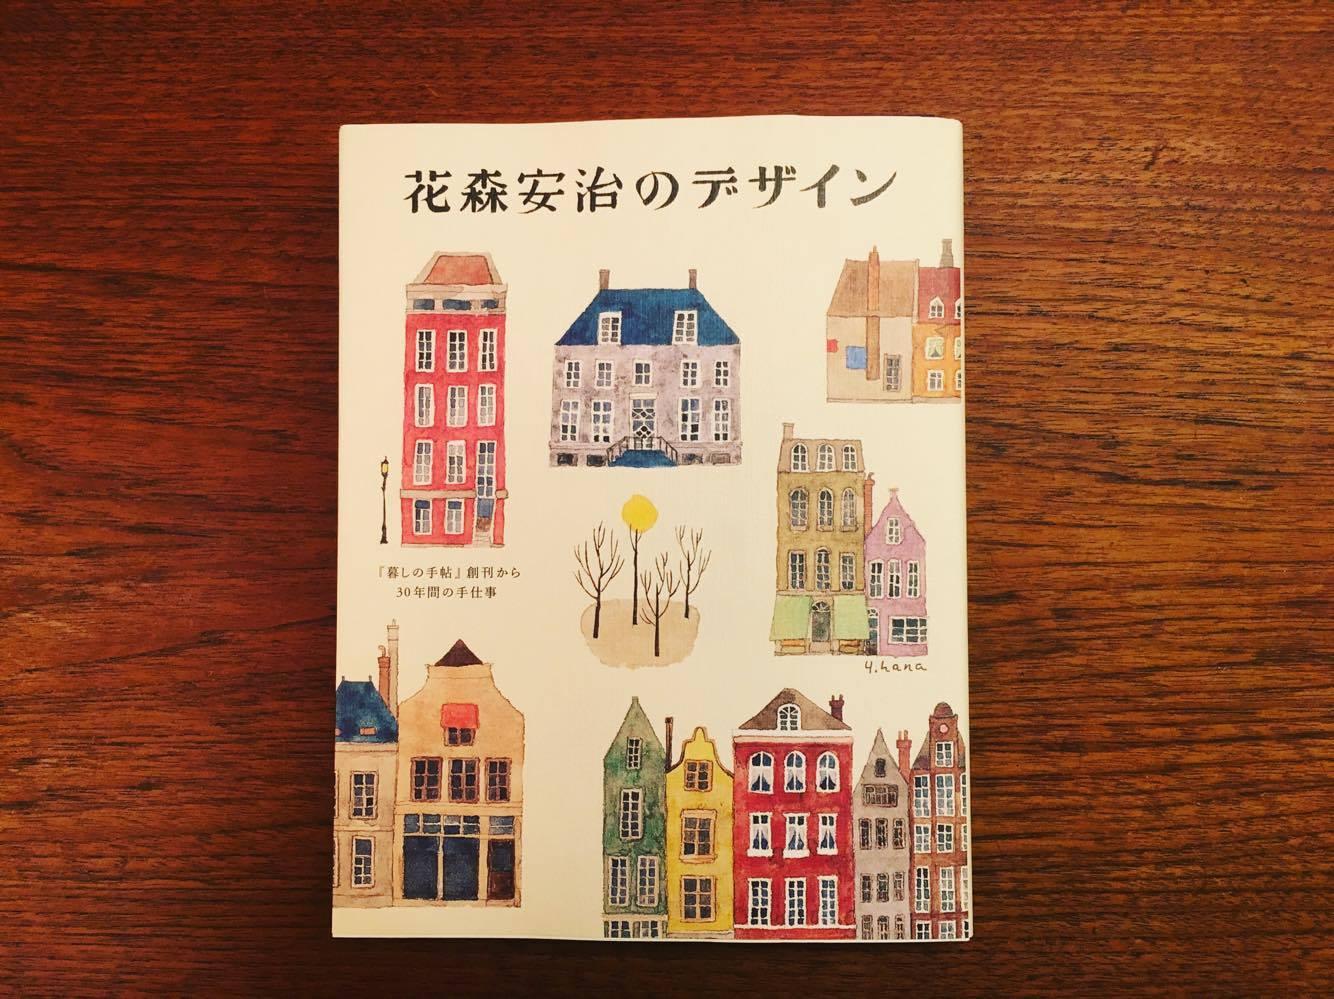 今回の図録ではないのですが、最後にミュージアムショップで「花森安治のデザイン」という本を買いました。